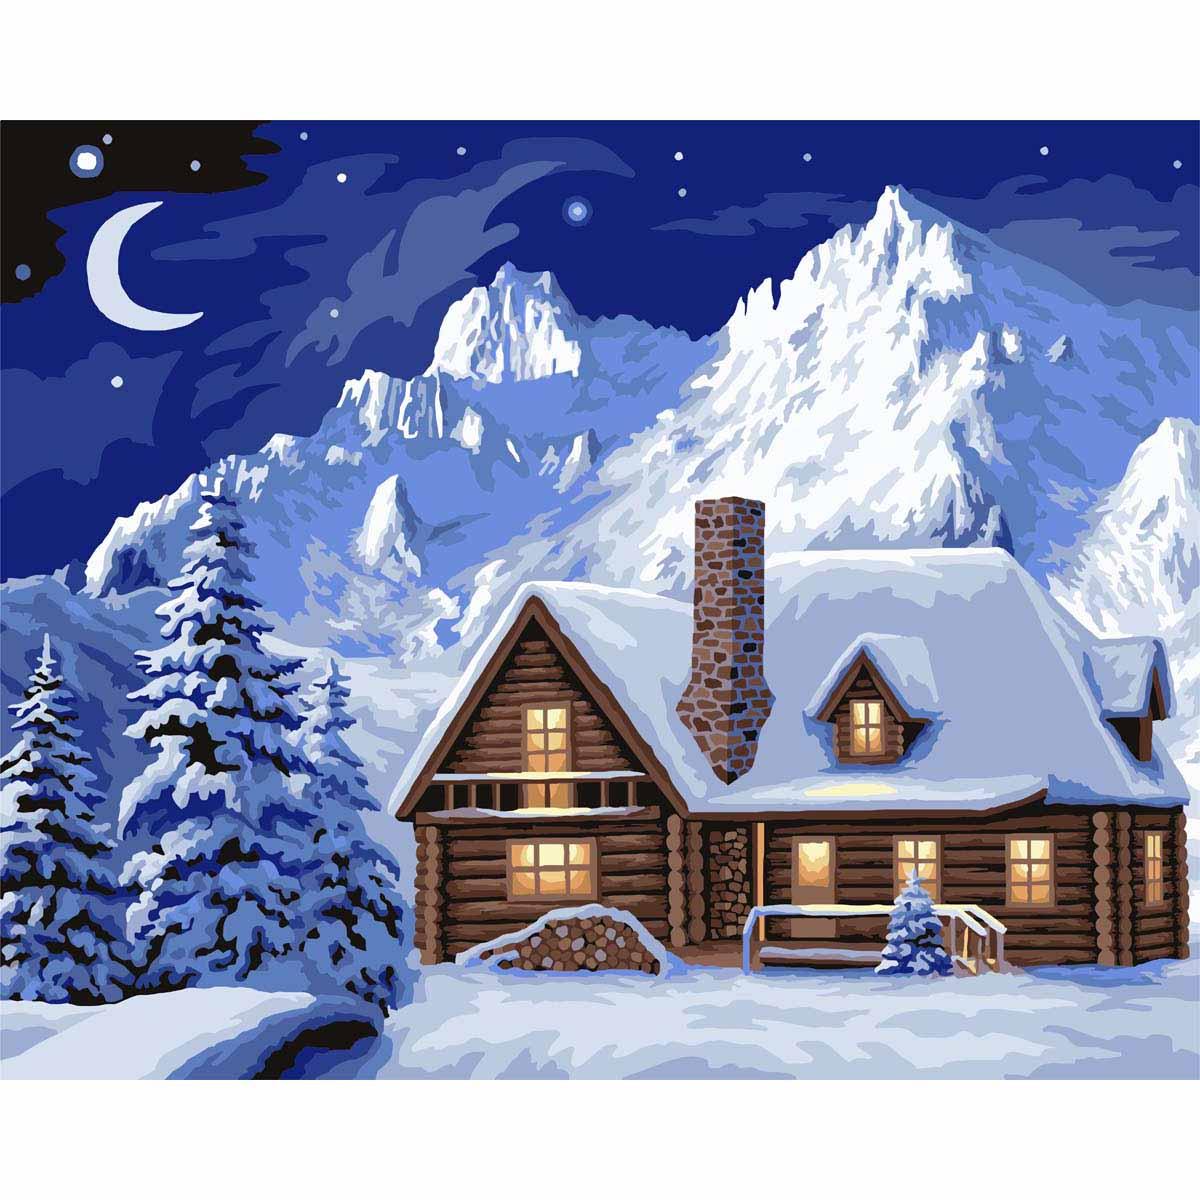 A102 Набор для рисования по номерам 'Зимний уют' 40*50см